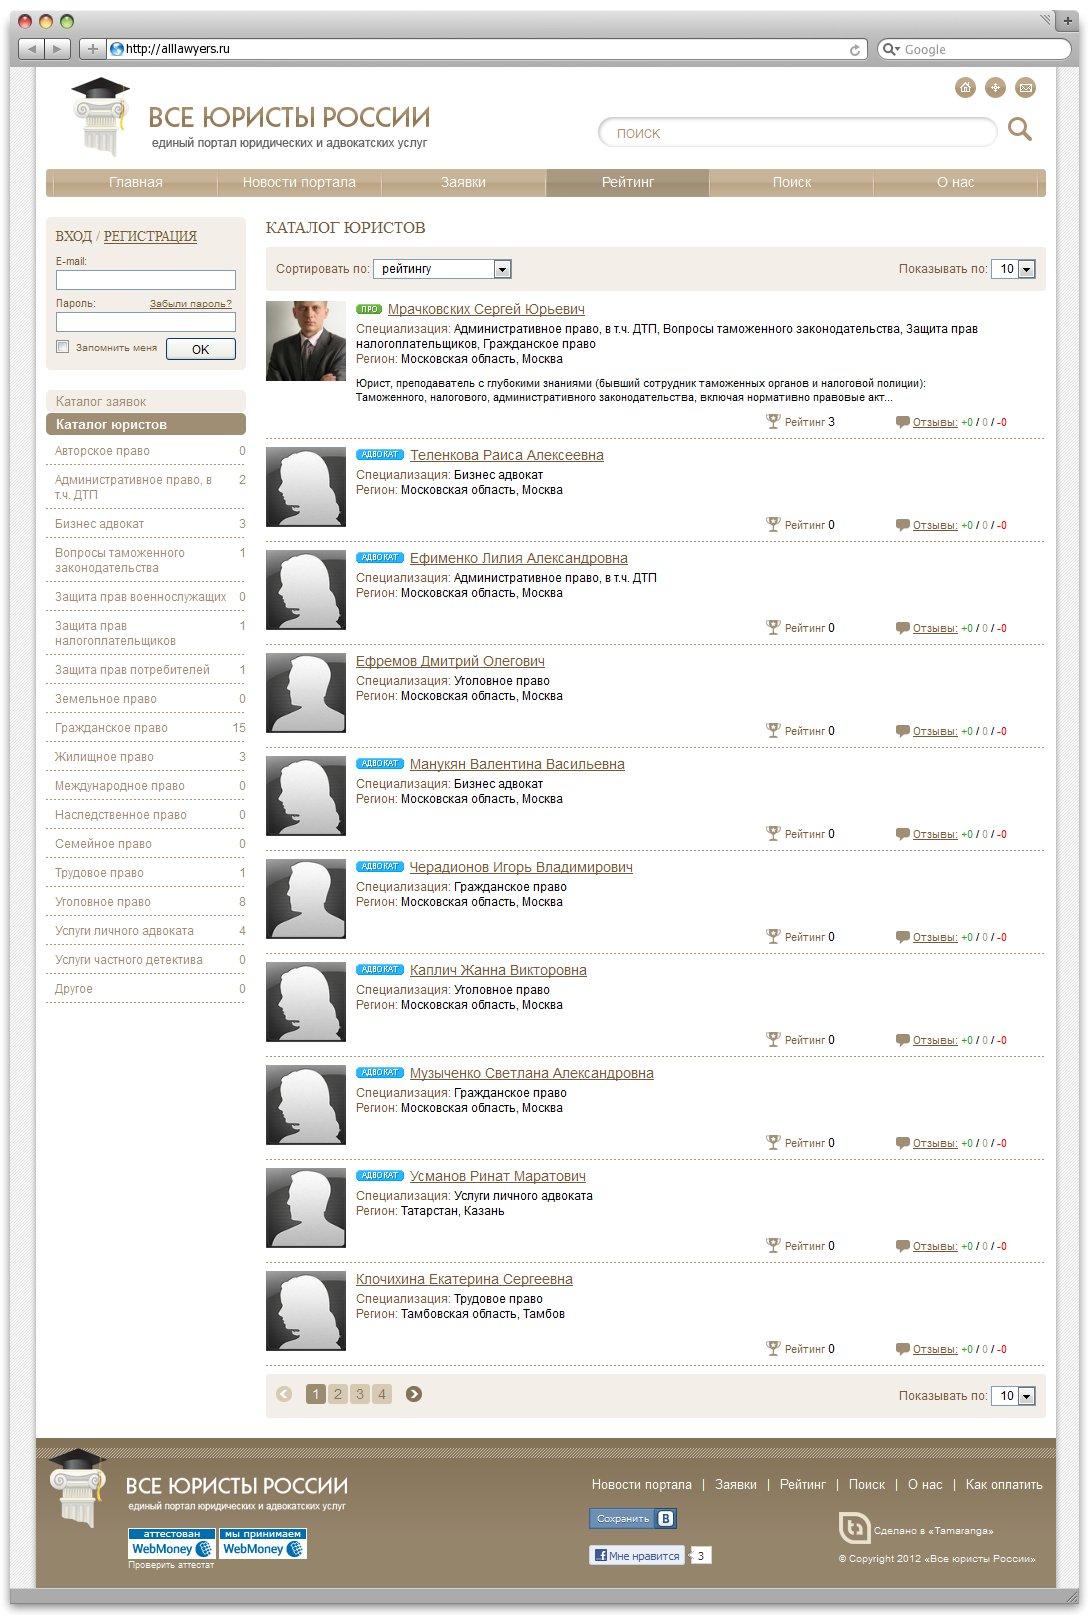 Биржа труда для юристов по образу free-lance.ru